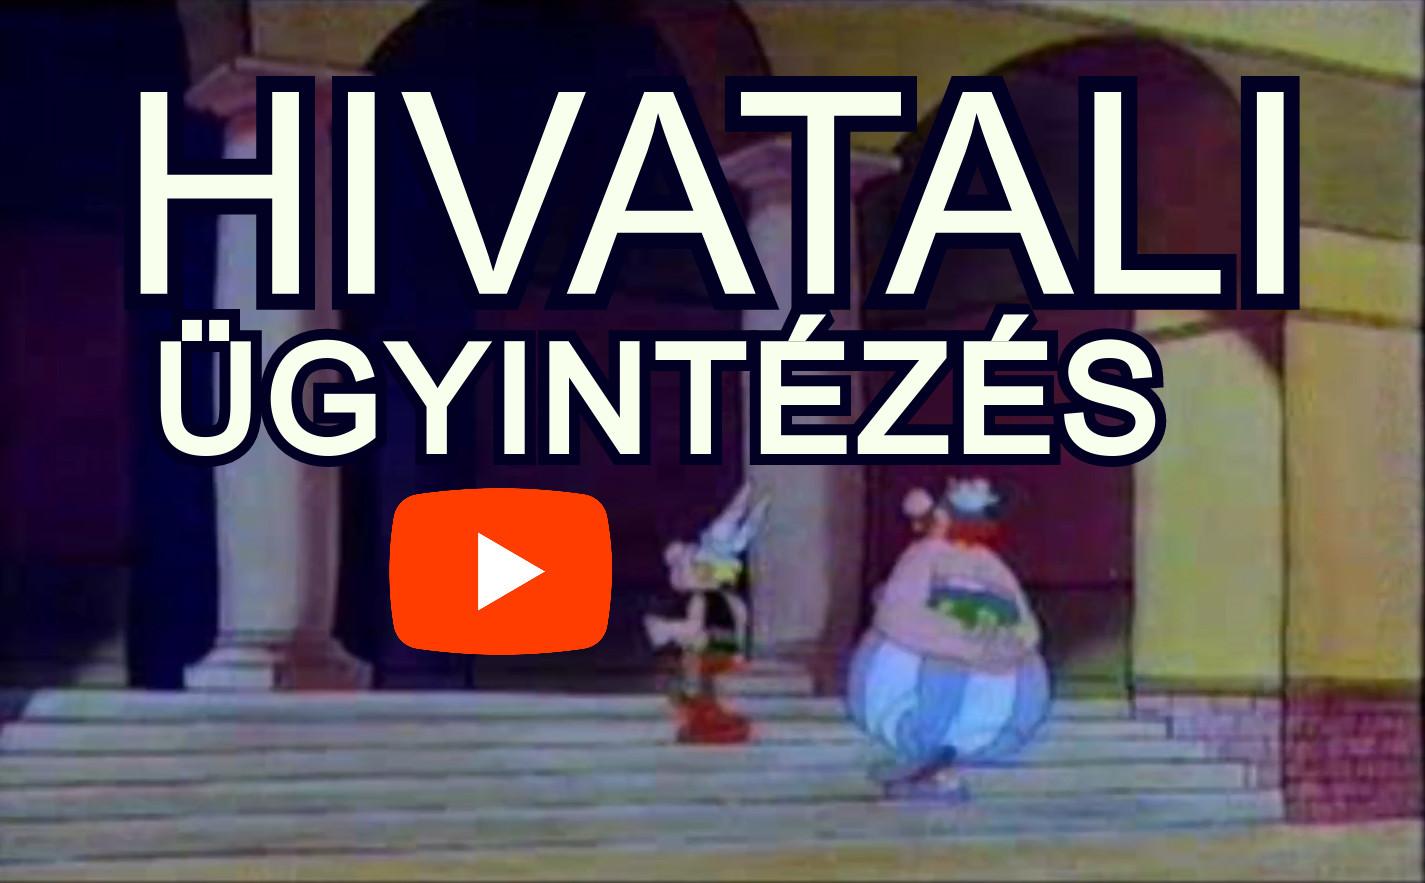 Asterix & Obelix: Hivatalos Hivatali Papír Ügyintézés az Őrült Hivatalban